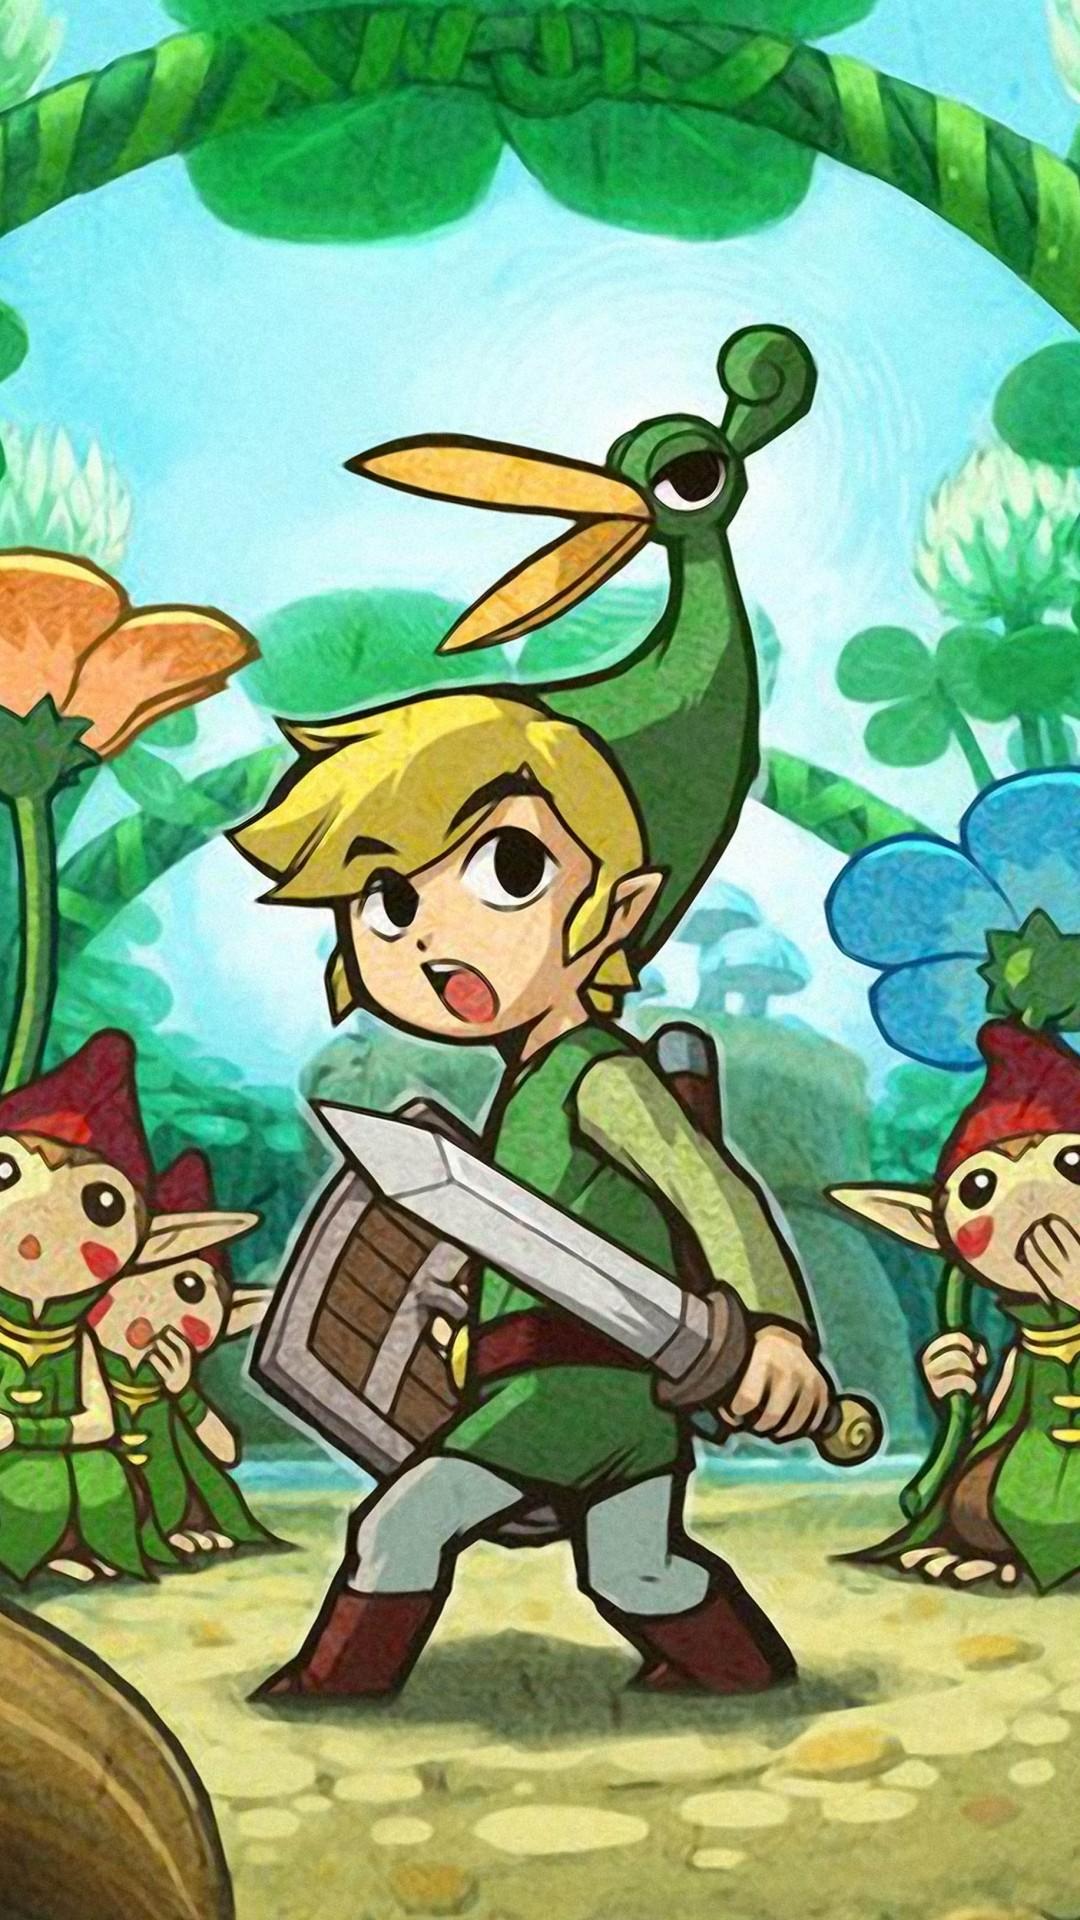 Res: 1080x1920, Zelda IPhone 6 Wallpaper,  - By Dante Nailor